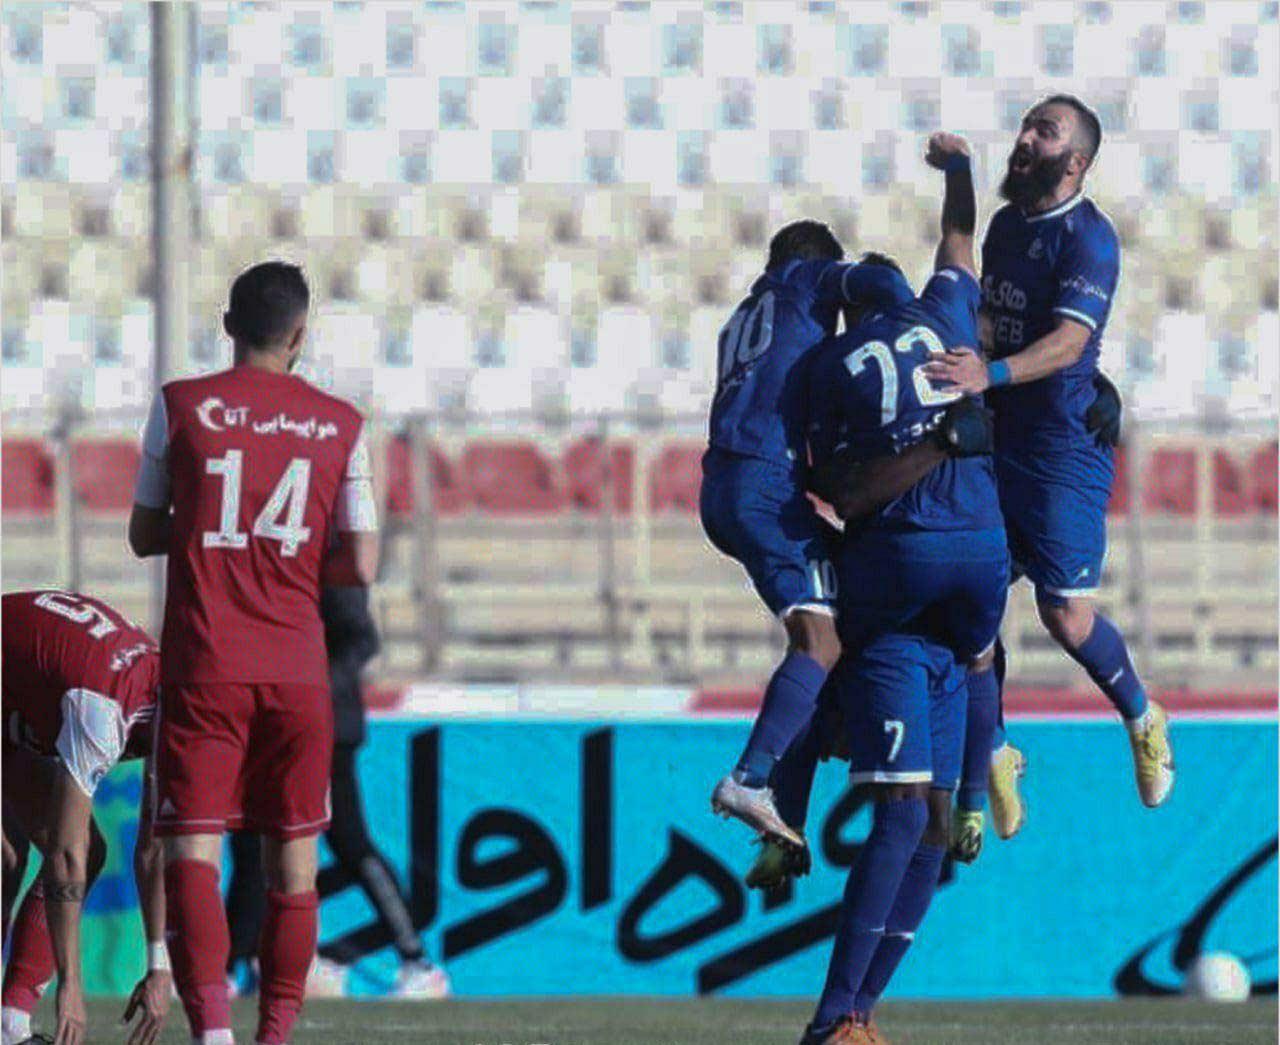 عکس عجیب از شیخ دیاباته در بازی استقلال مقابل تراکتور